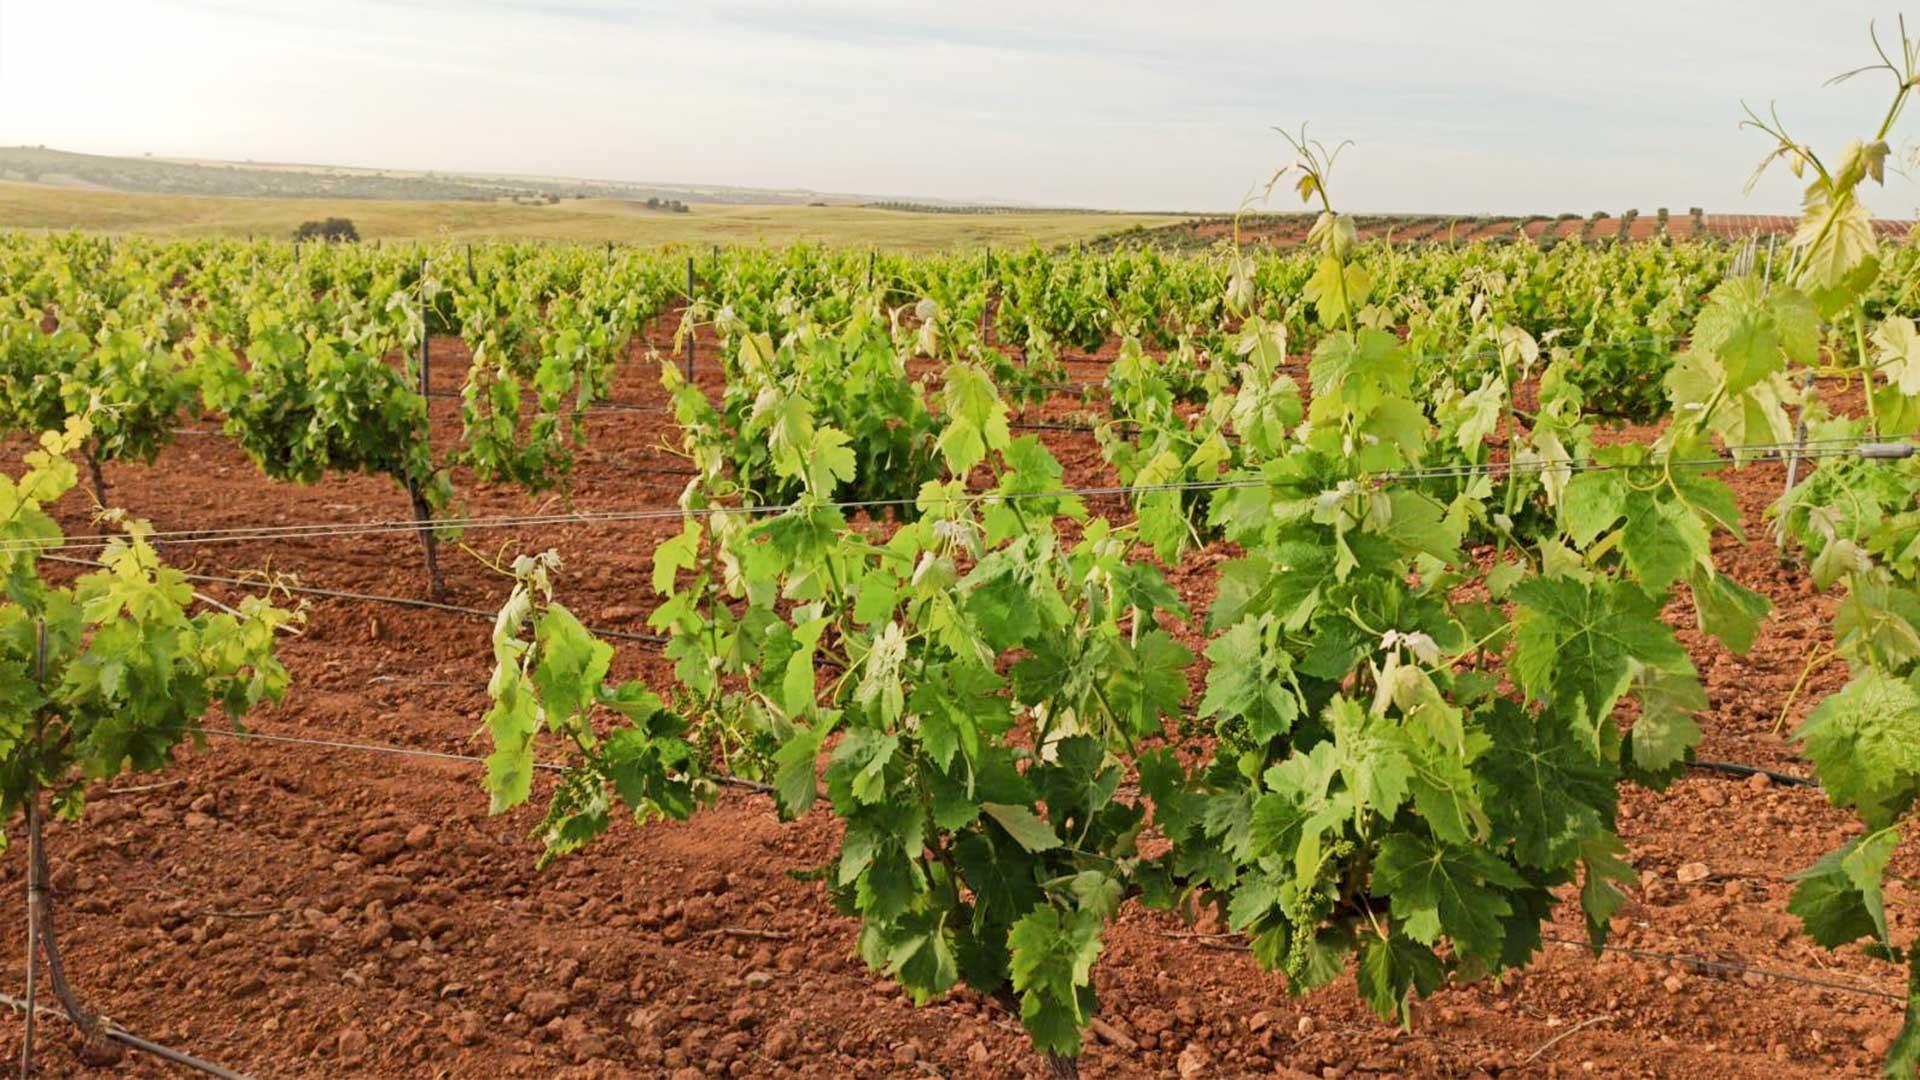 Viñedo en Extremadura con abono de ferticampo